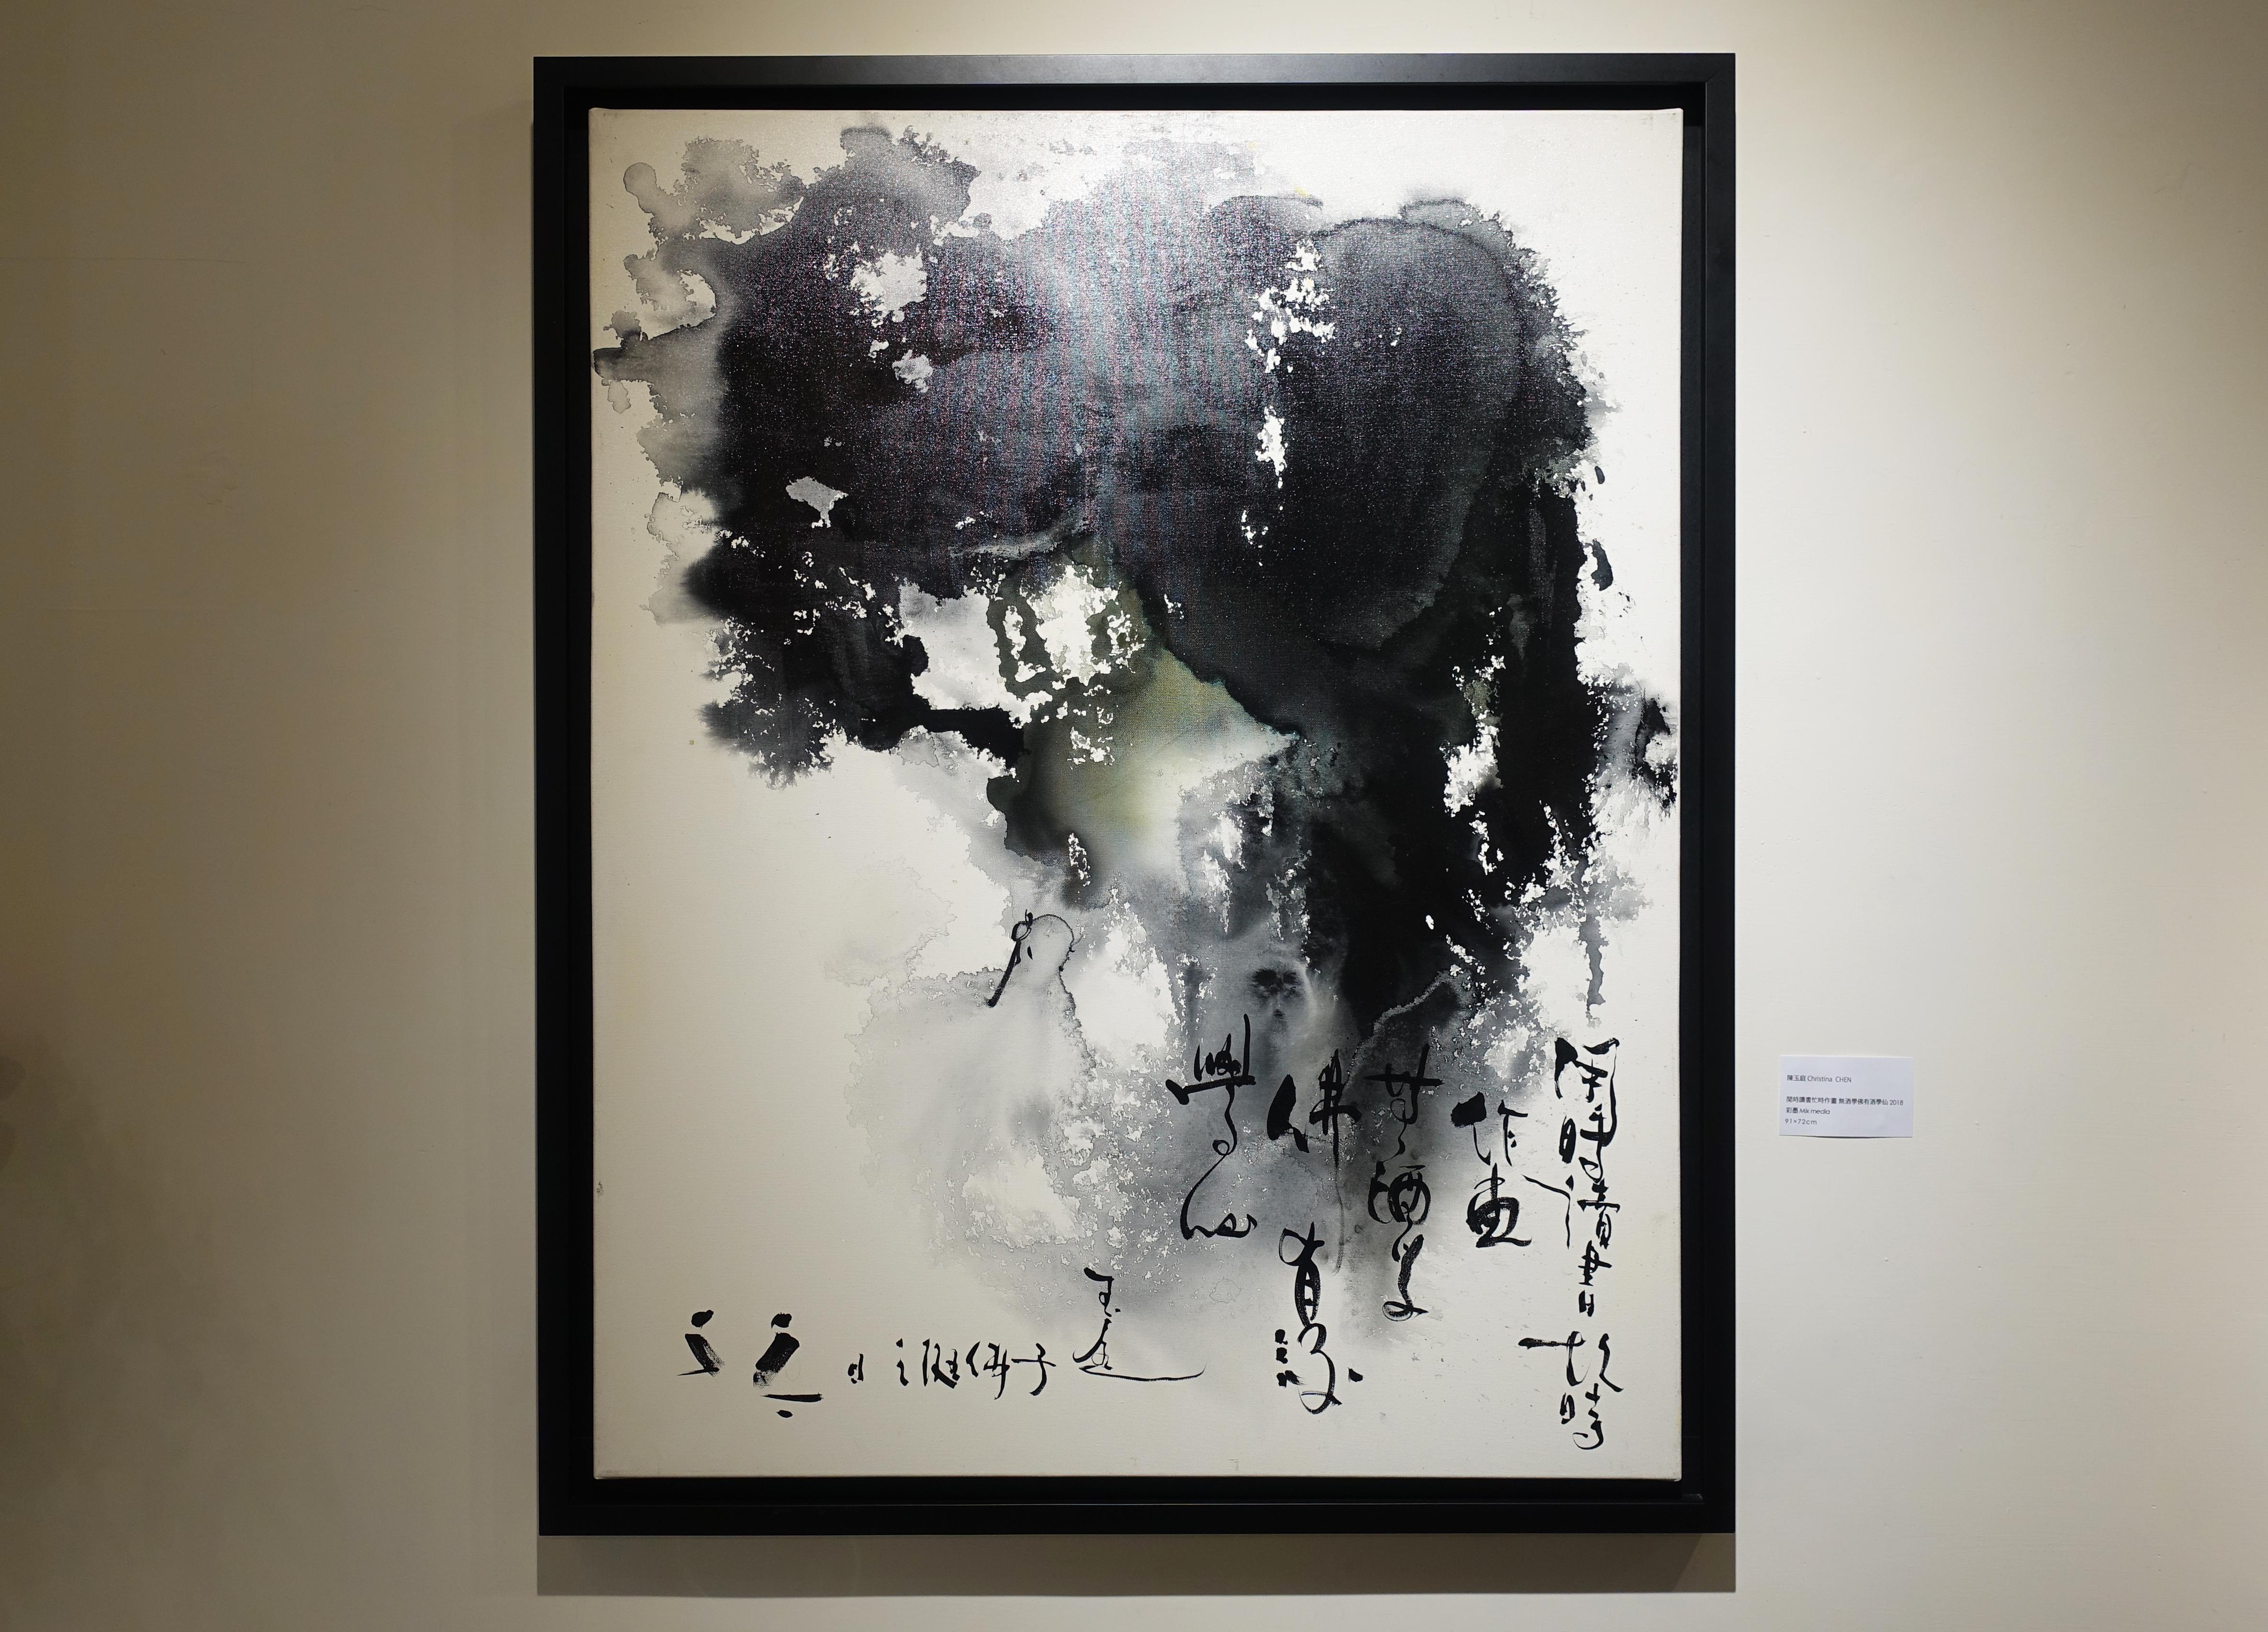 陳玉庭,《閒時讀書忙時作畫 無酒學佛有酒學先》,91x72cm,彩墨,2018。